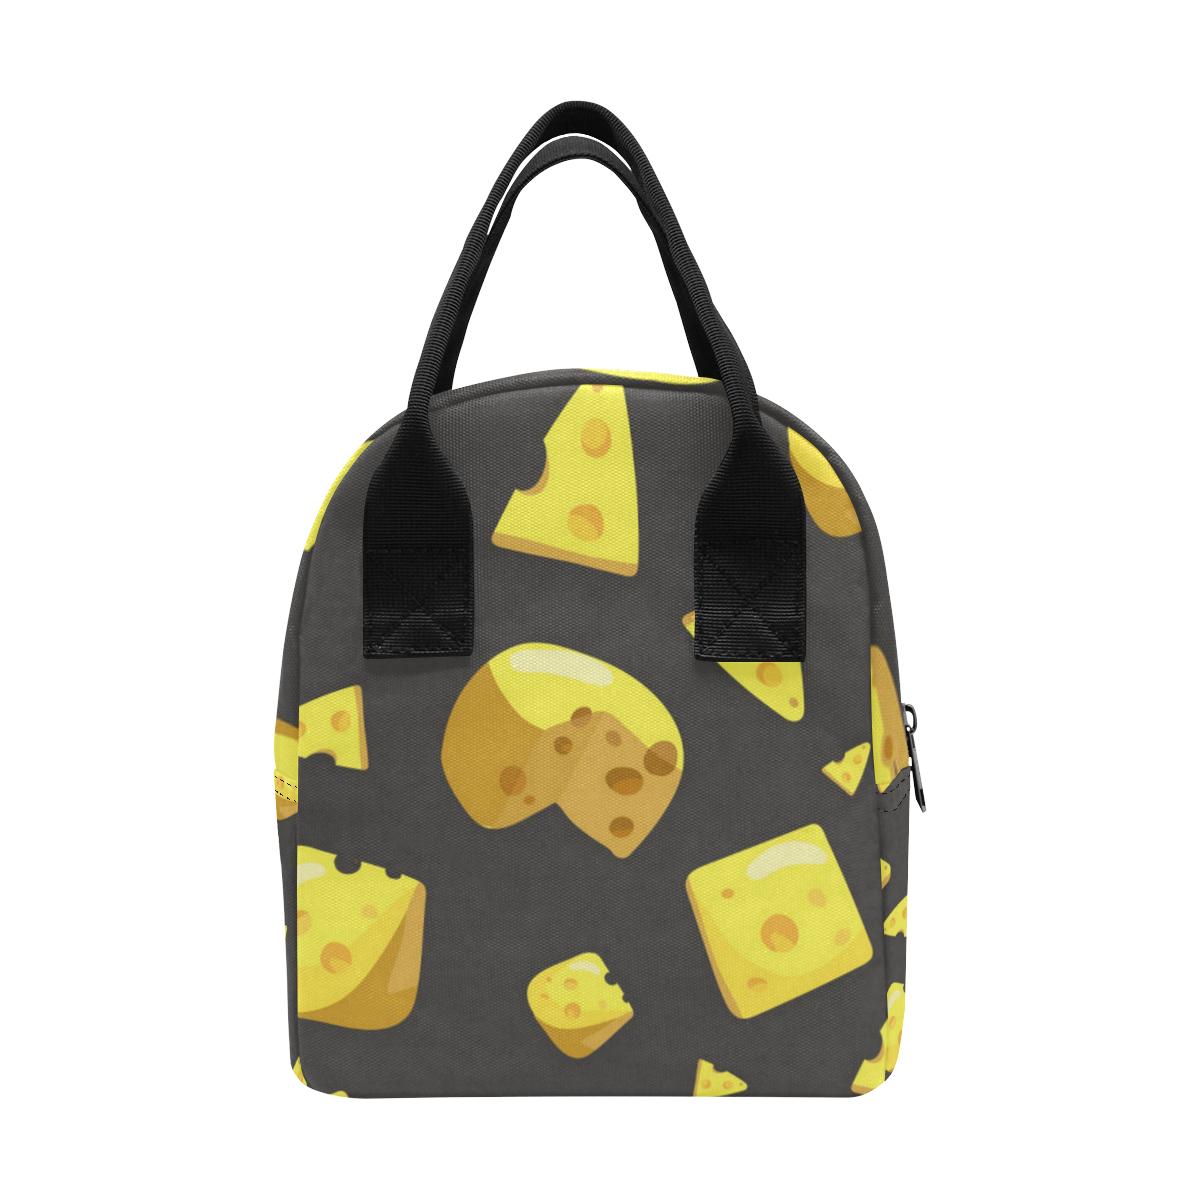 Swiss Cheese Lunch Bag Zipper Lunch Bag (Model 1689)